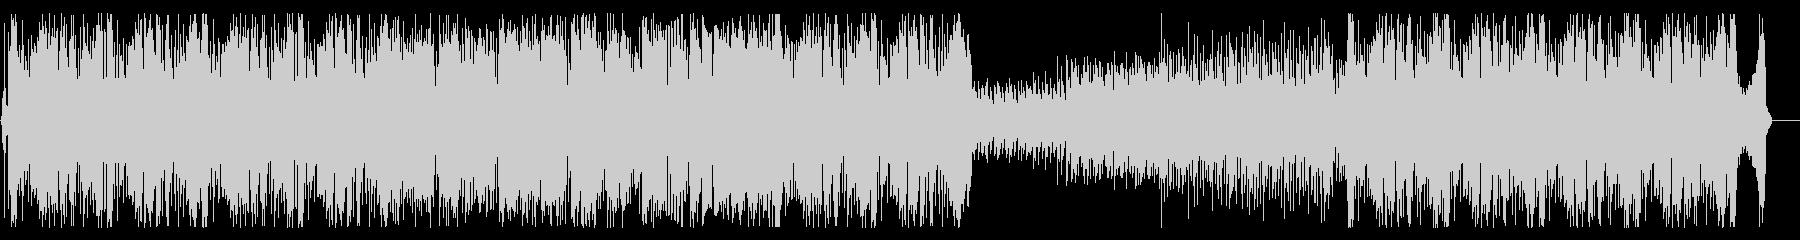 にぎやかで明るいスタンダードなラテンの未再生の波形